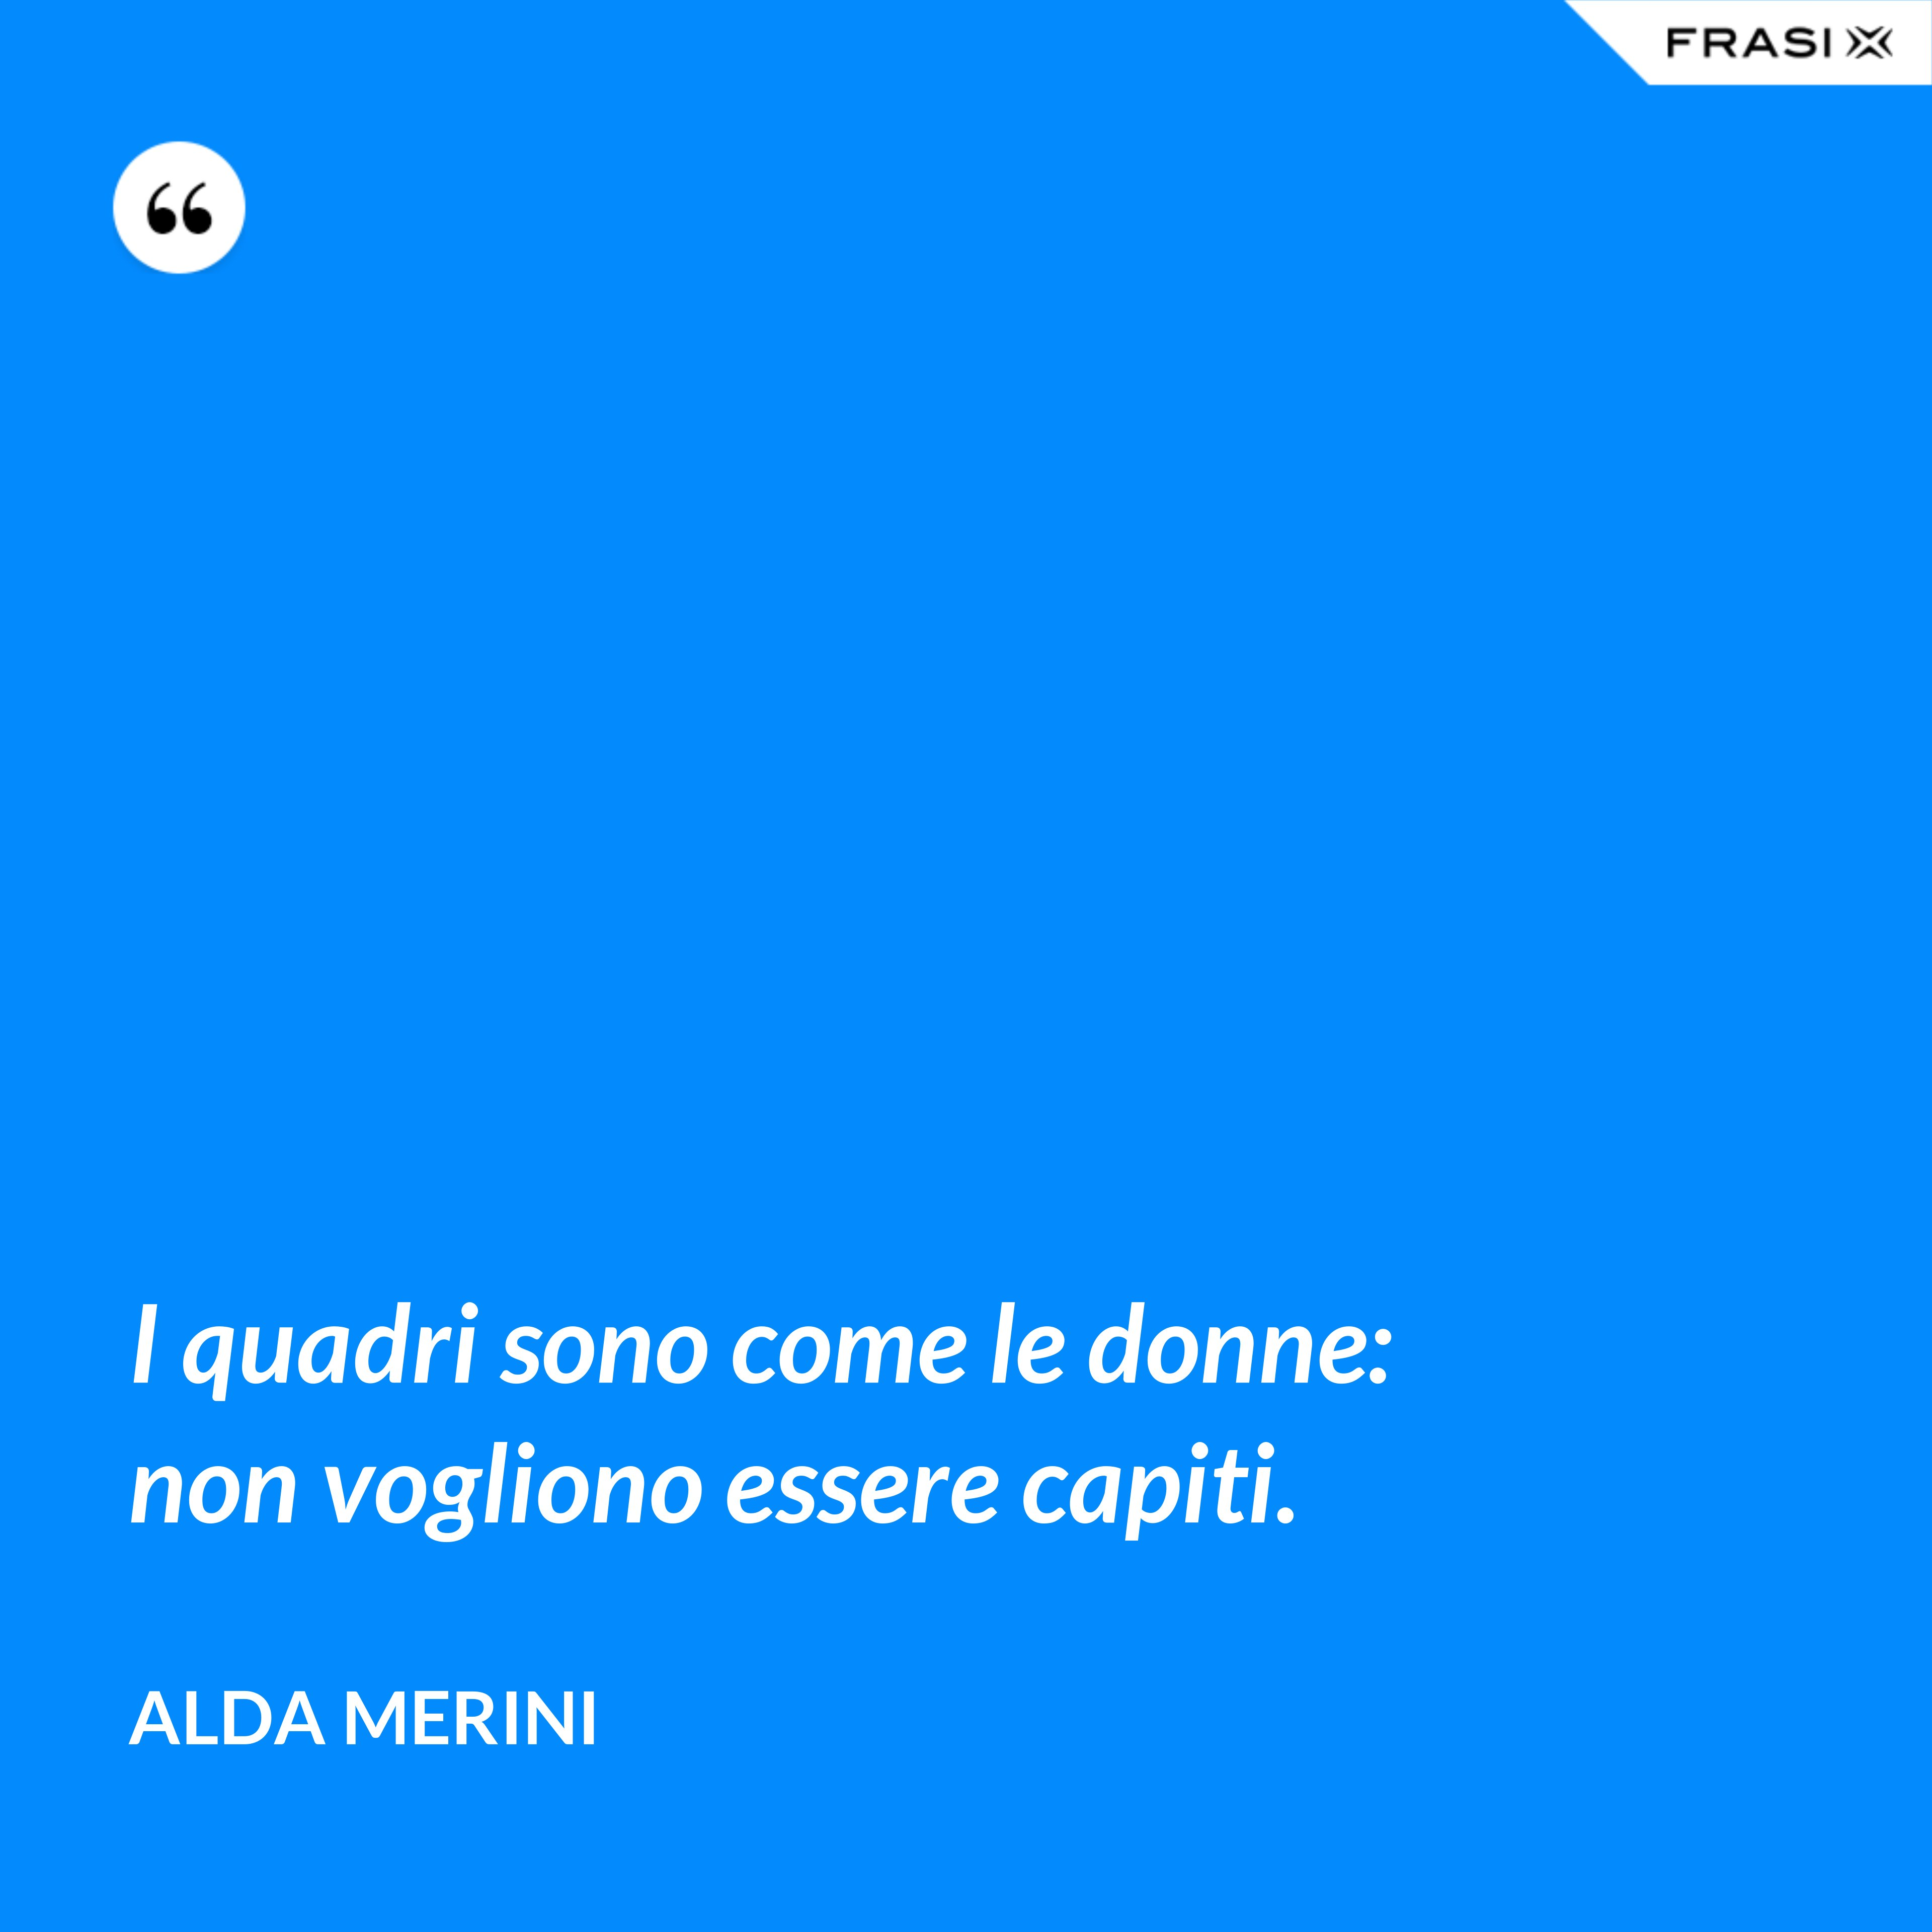 I quadri sono come le donne: non vogliono essere capiti. - Alda Merini